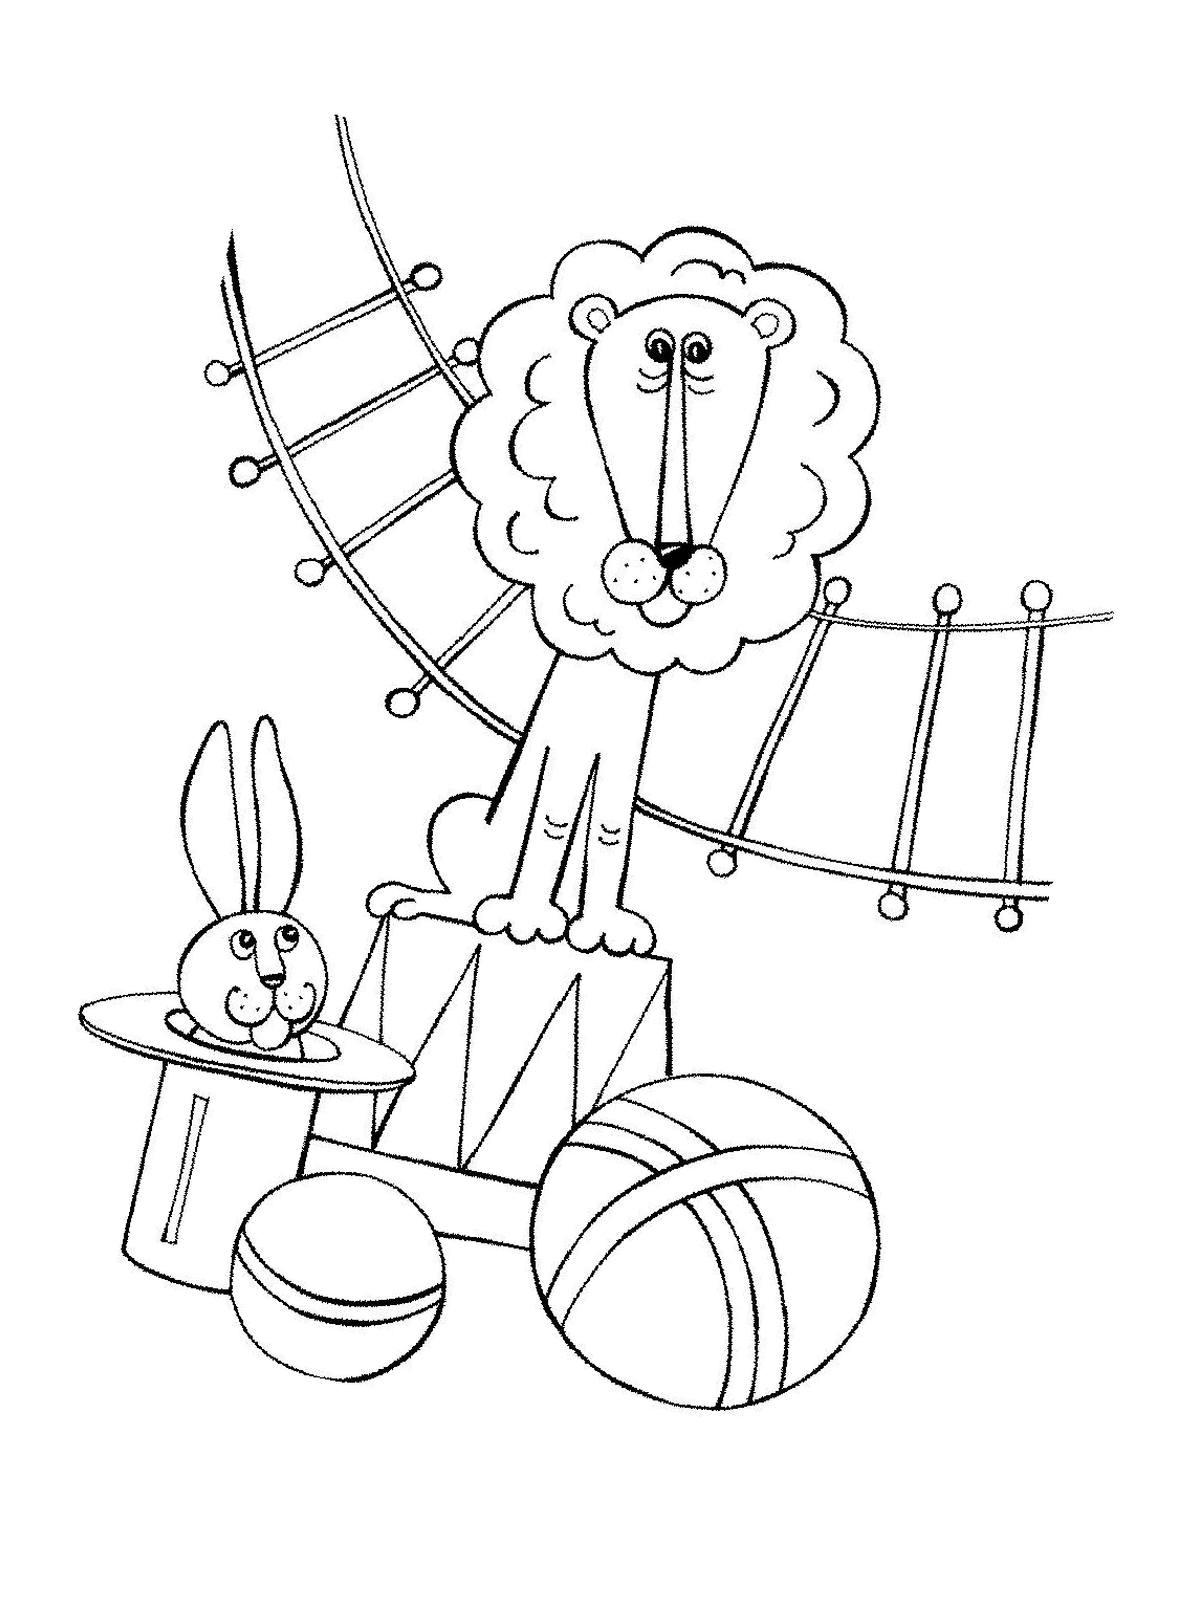 Ausmalbilder Malvorlagen Akrobaten Im Zirkus Kostenlos Zum